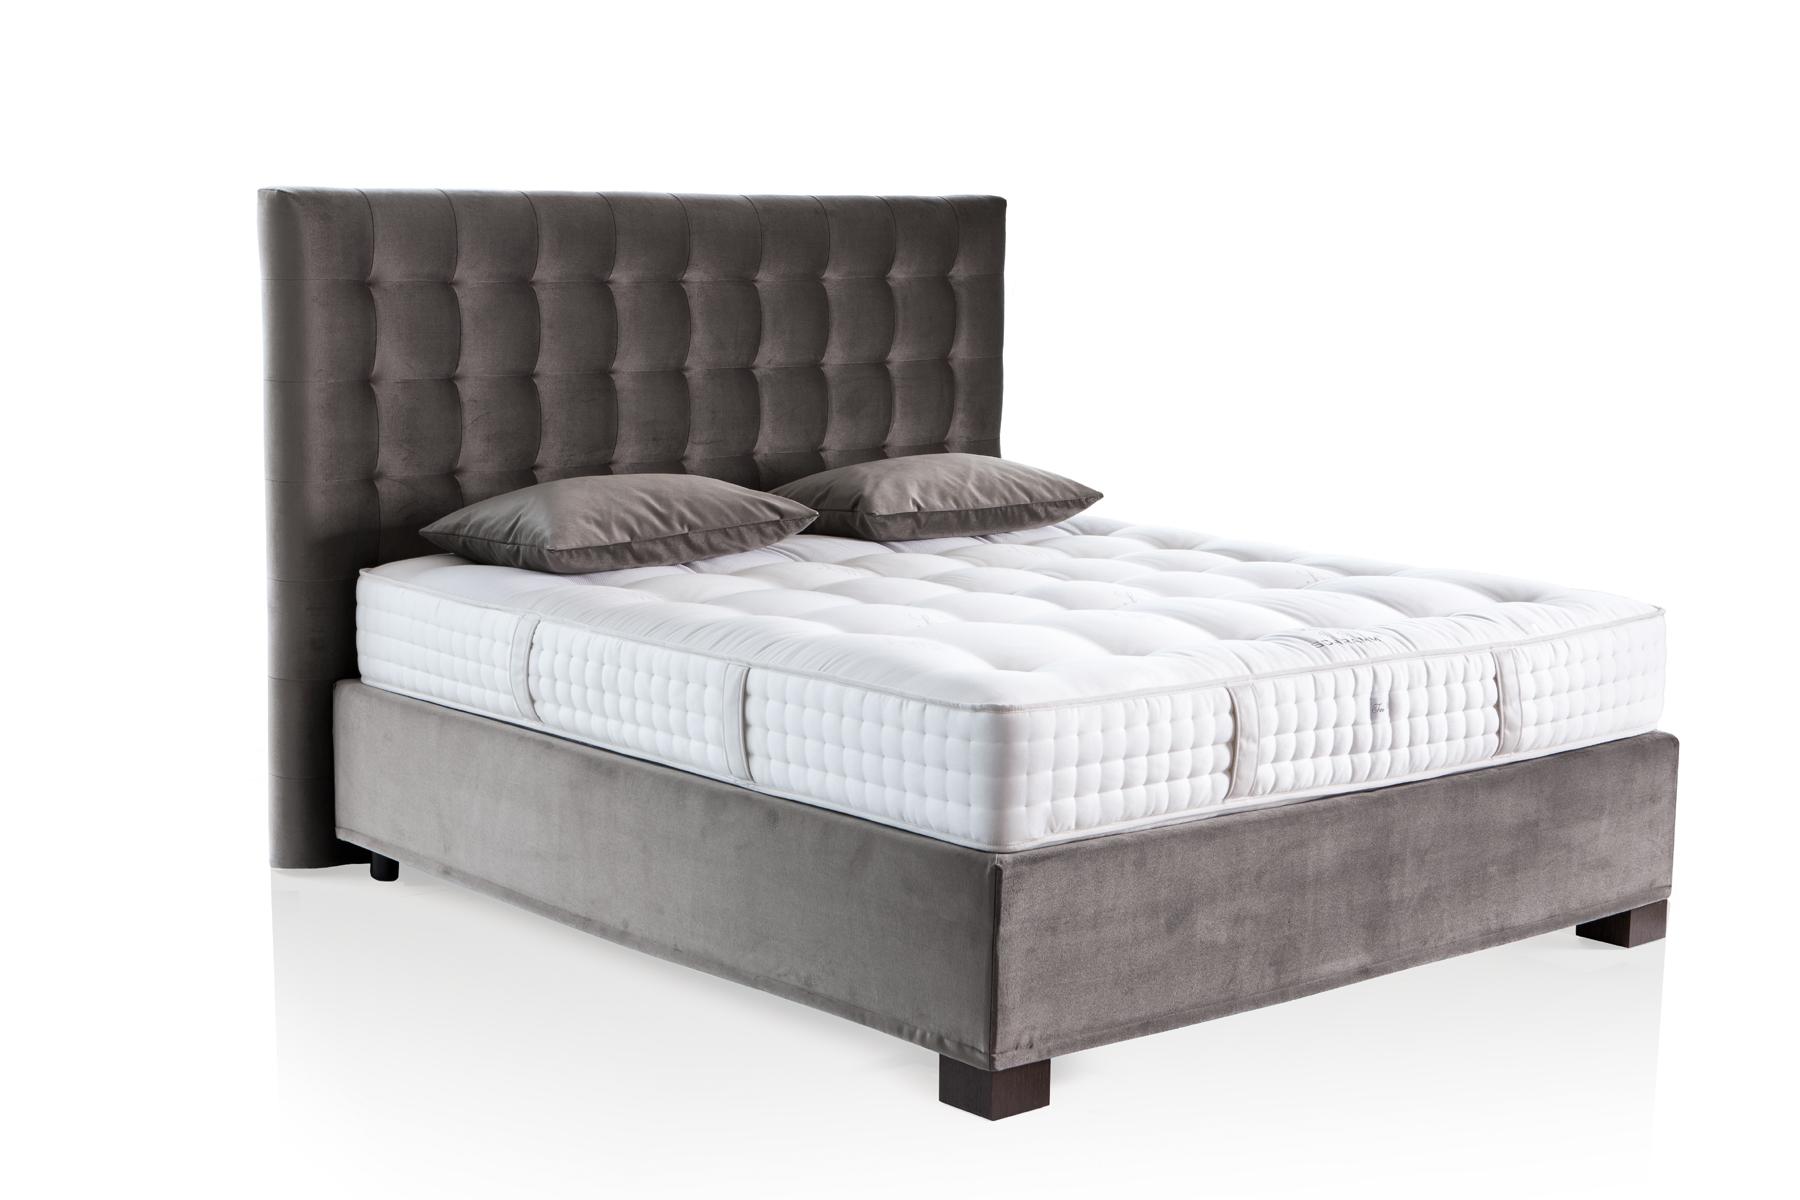 Full Size of Betten Weiß Balinesische Ottoversand 180x200 Massivholz Ikea 160x200 Rauch Mit Matratze Und Lattenrost 140x200 Ruf Preise Paradies Bett Schramm Betten